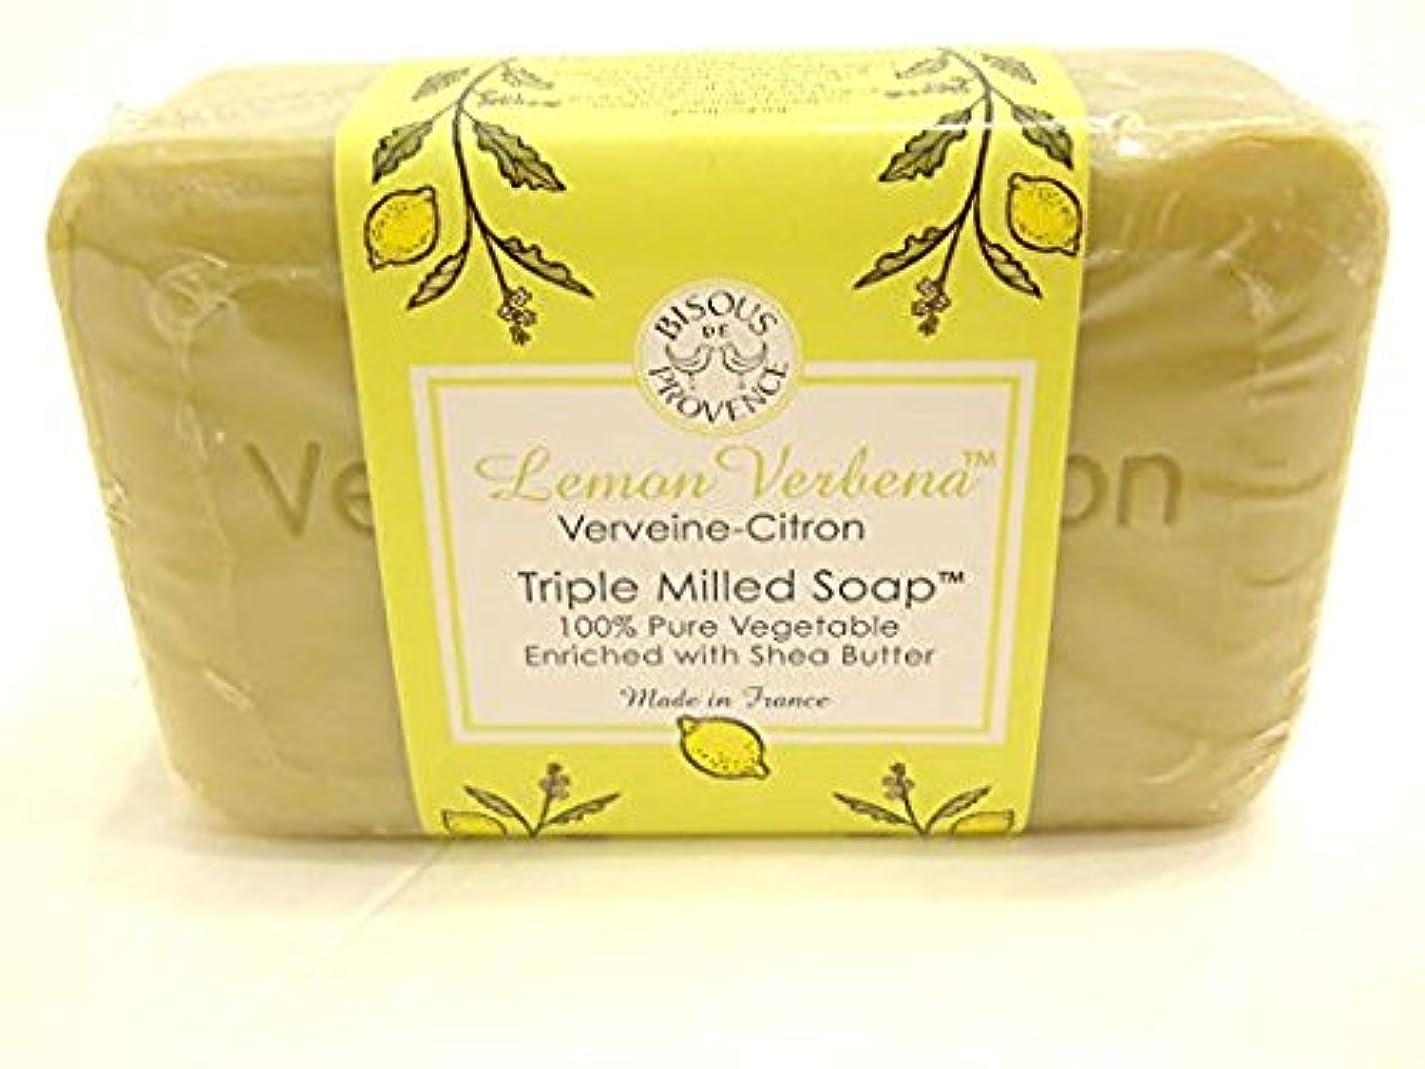 ブルーベル検出するスタジオ[トレーダージョーズ] トリプルミルドソープ レモンバーベナ 海外直送品/Trader Joe's Triple Milled Soap Lemon Verbena [並行輸入品]